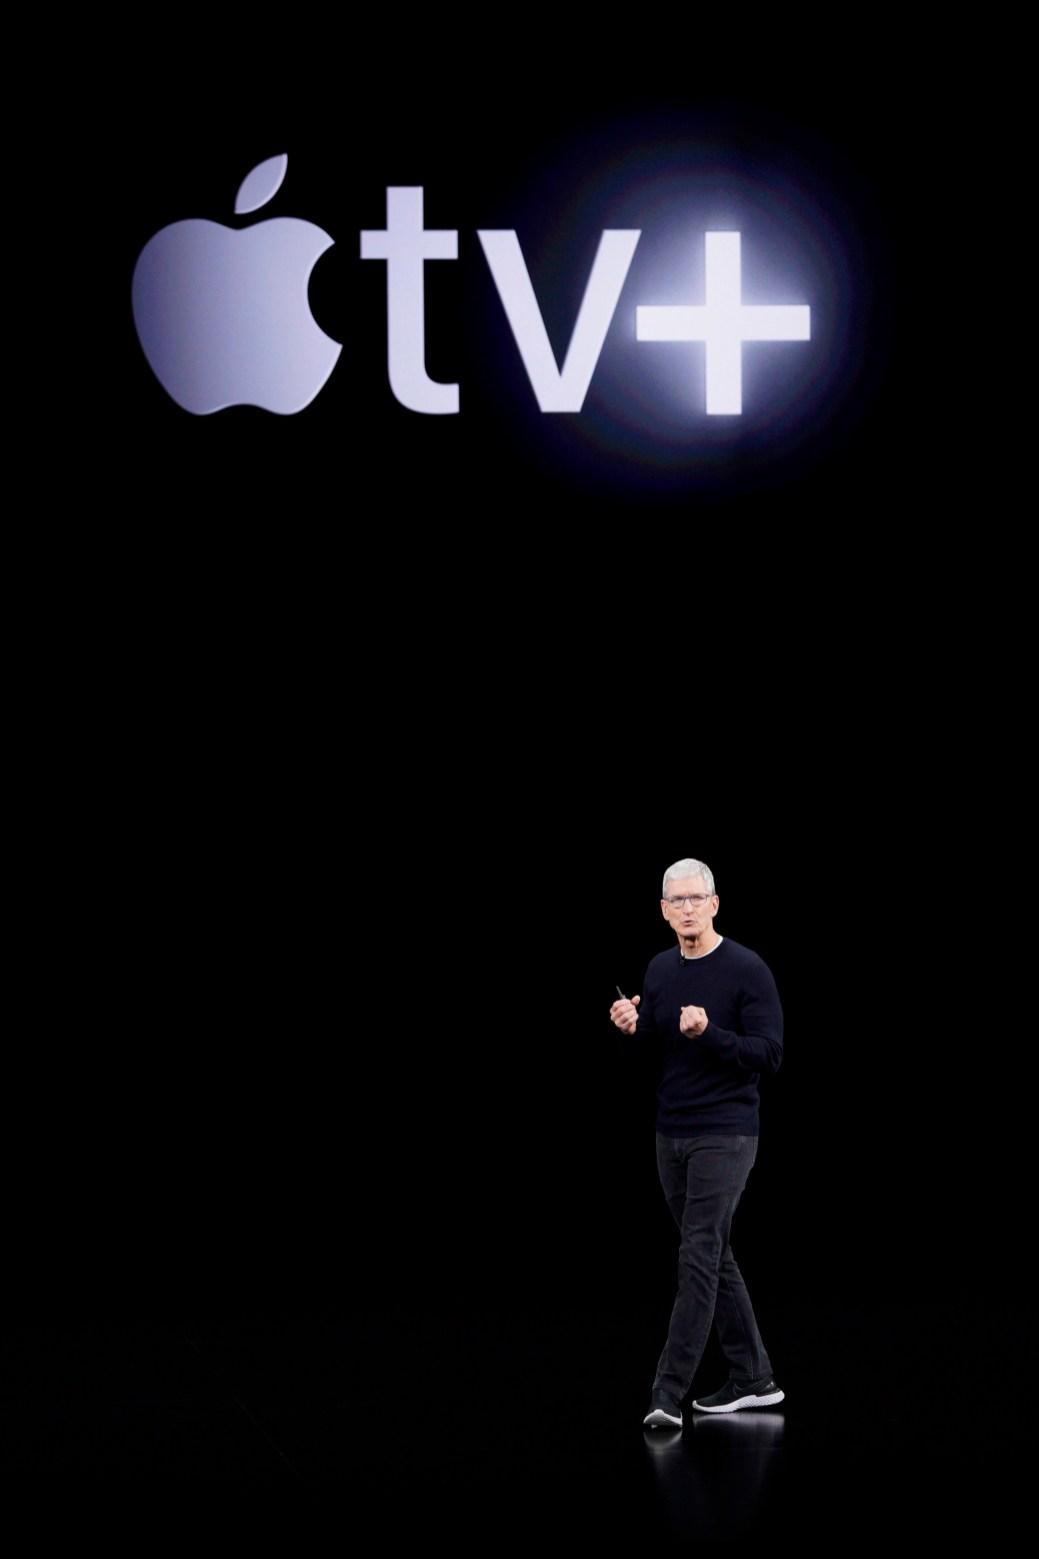 Le chef de la direction de Apple, Tim Cook, dévoile la Apple TV+. - AP